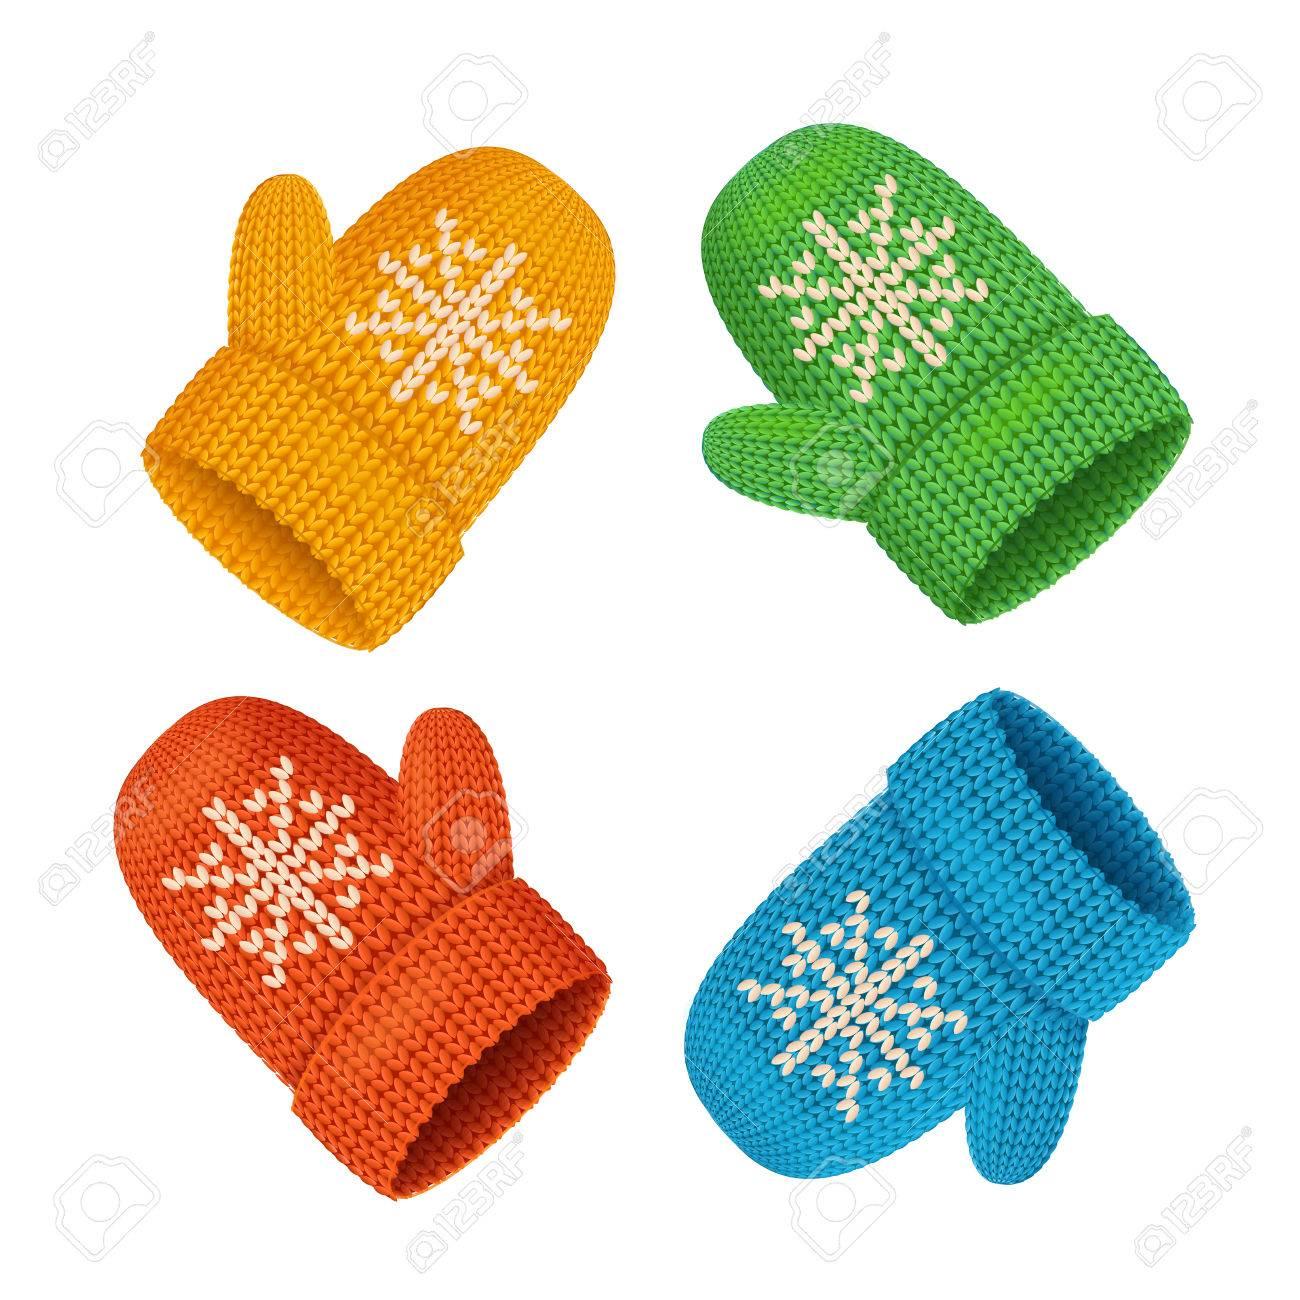 Invierno Manoplas Conjunto Colorido. Accesorio De Temporada ...